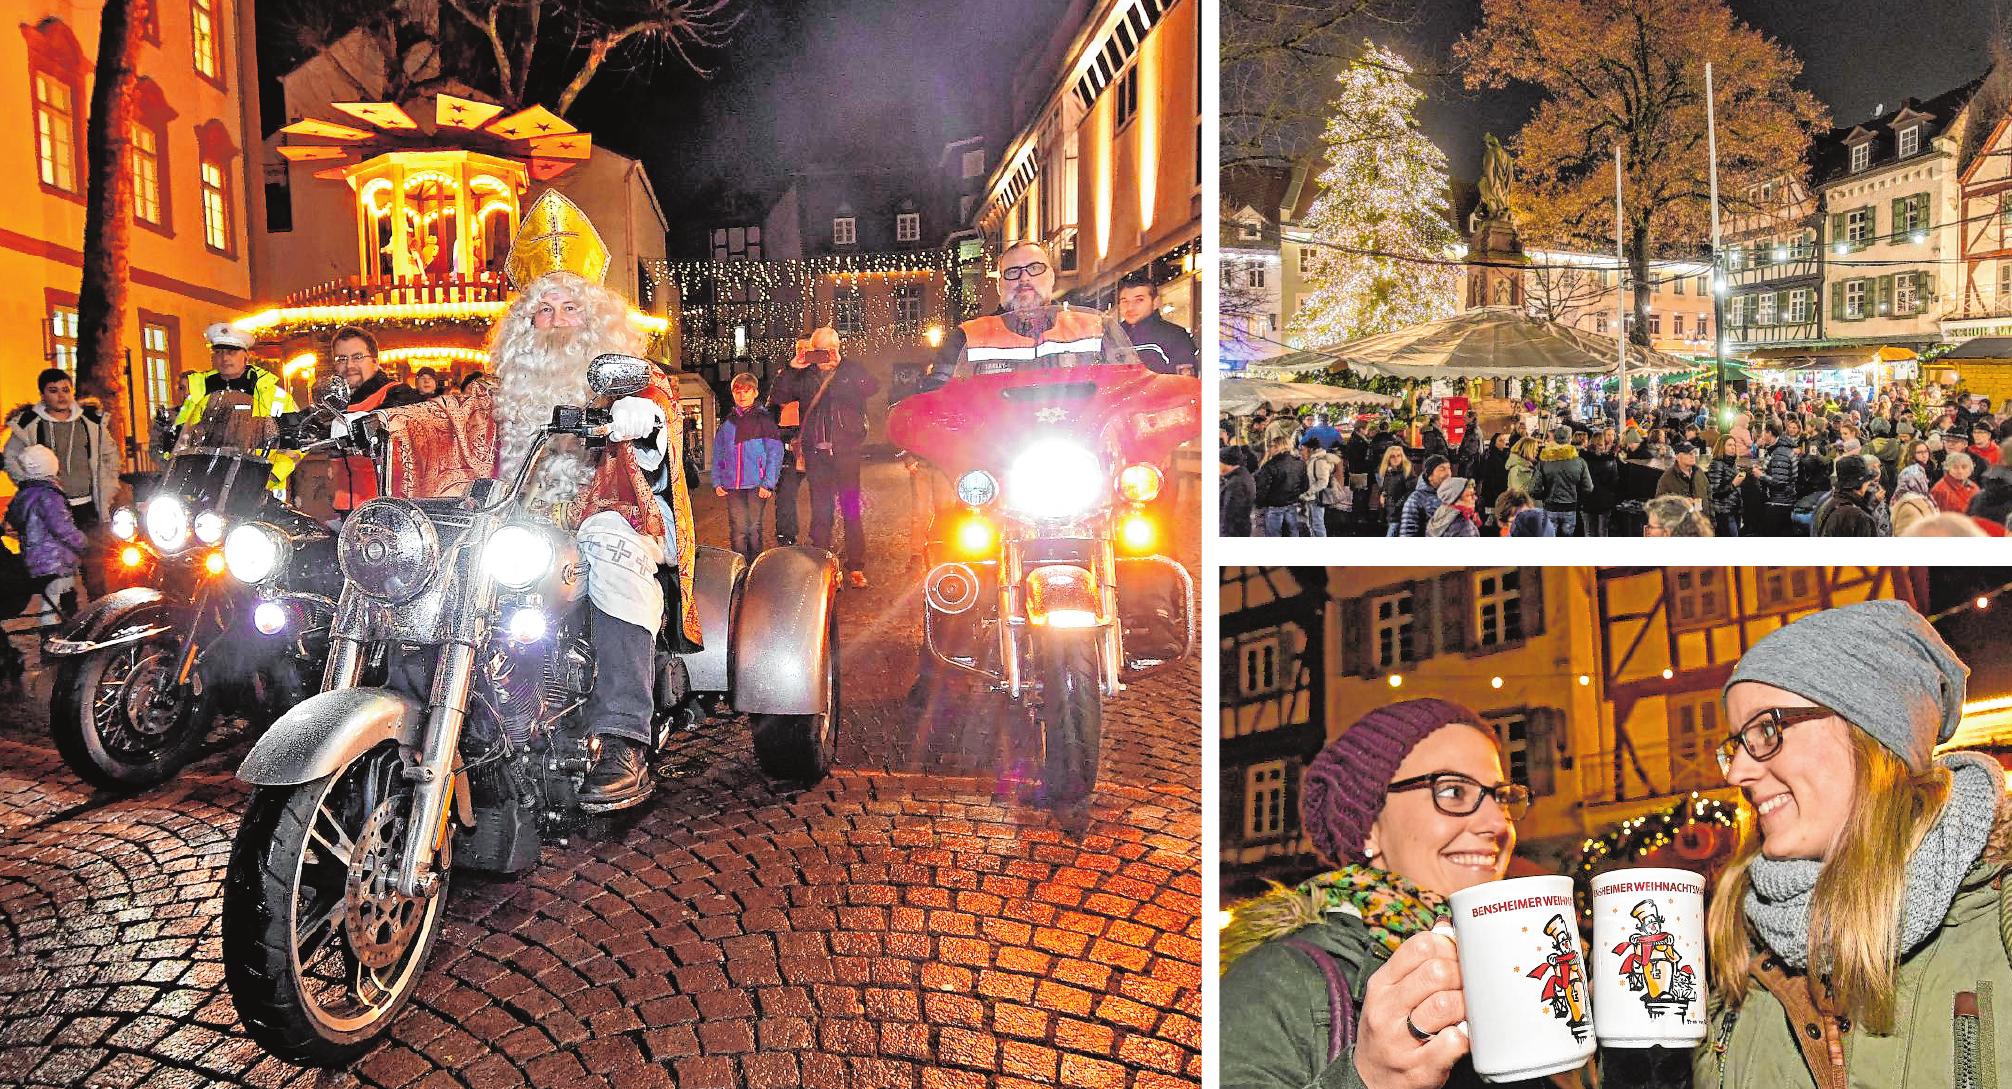 Impressionen: Bürgermeister Rolf Richter als Nikolaus auf der Harley, stimmungsvoller Lichterglanz auf dem Marktplatz und Spaß bei einer Tasse Glühwein. BILDER: FUNCK (2), NEU (1)